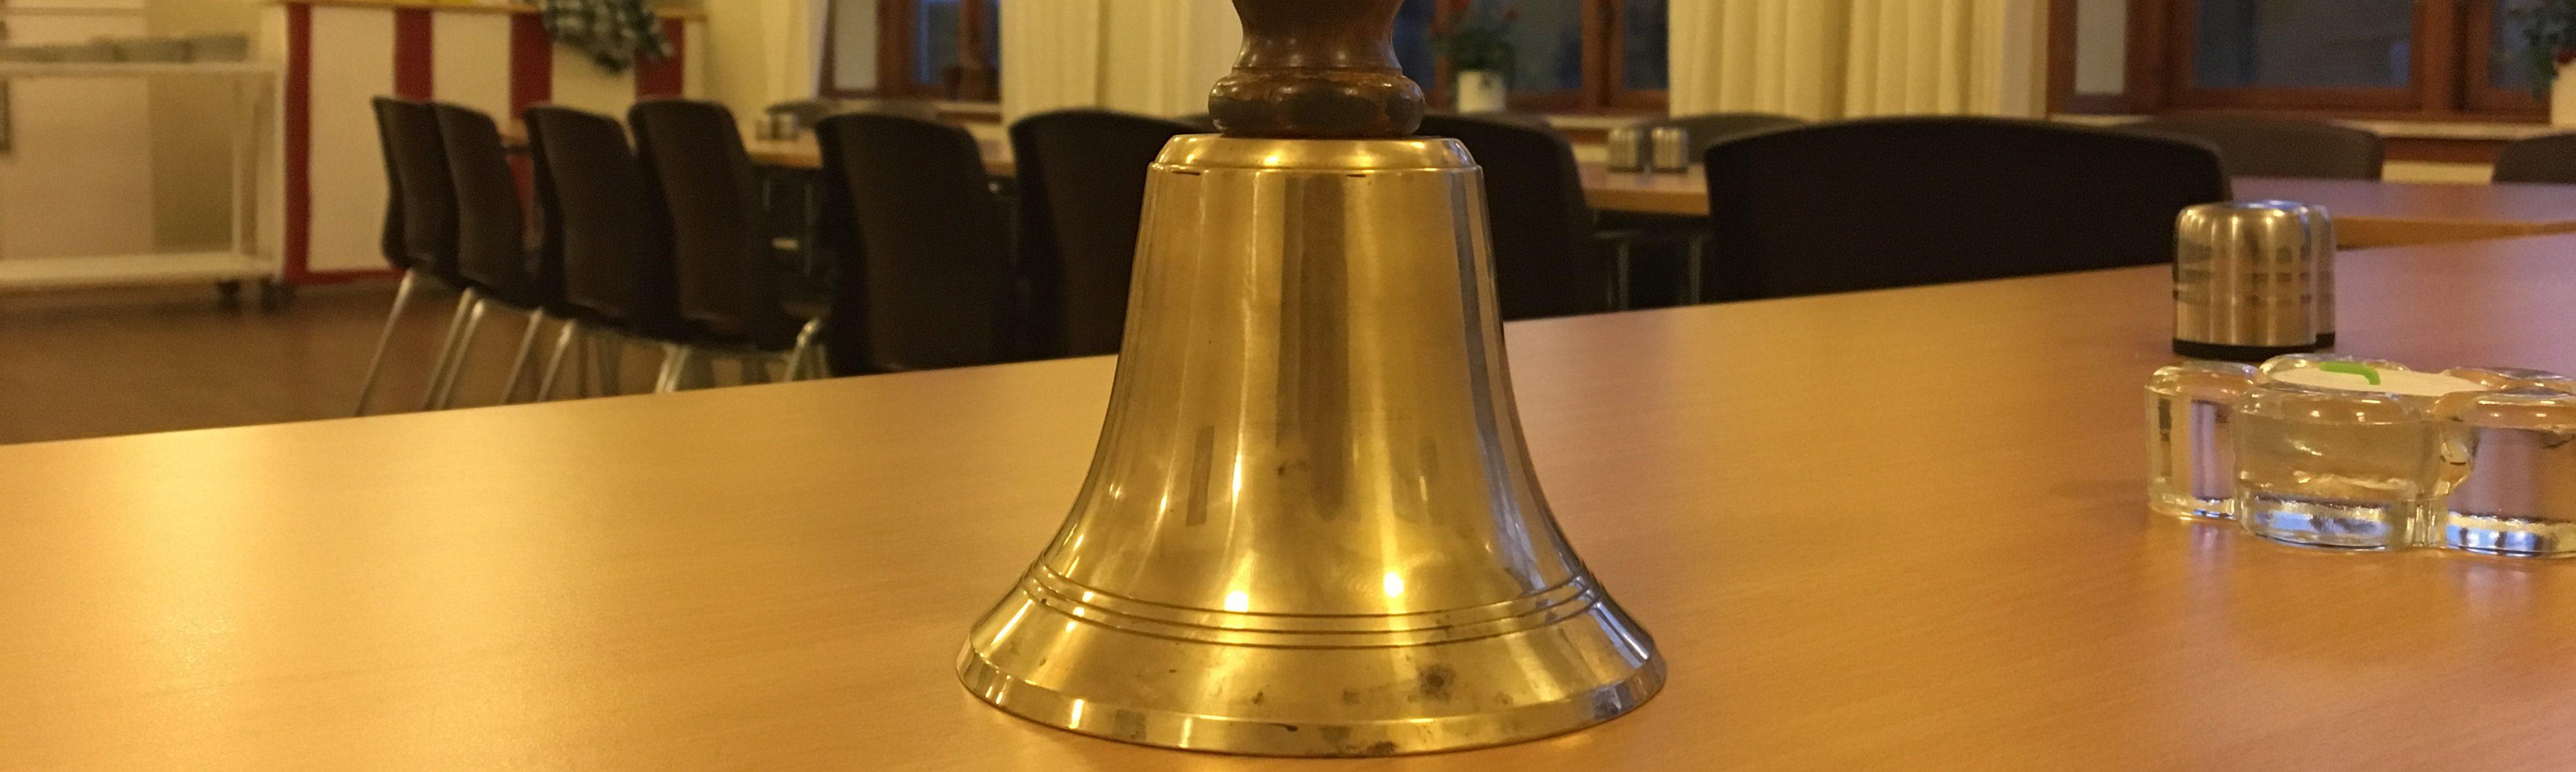 Generalforsamling i Vindeby-Onsevig Borgerforening